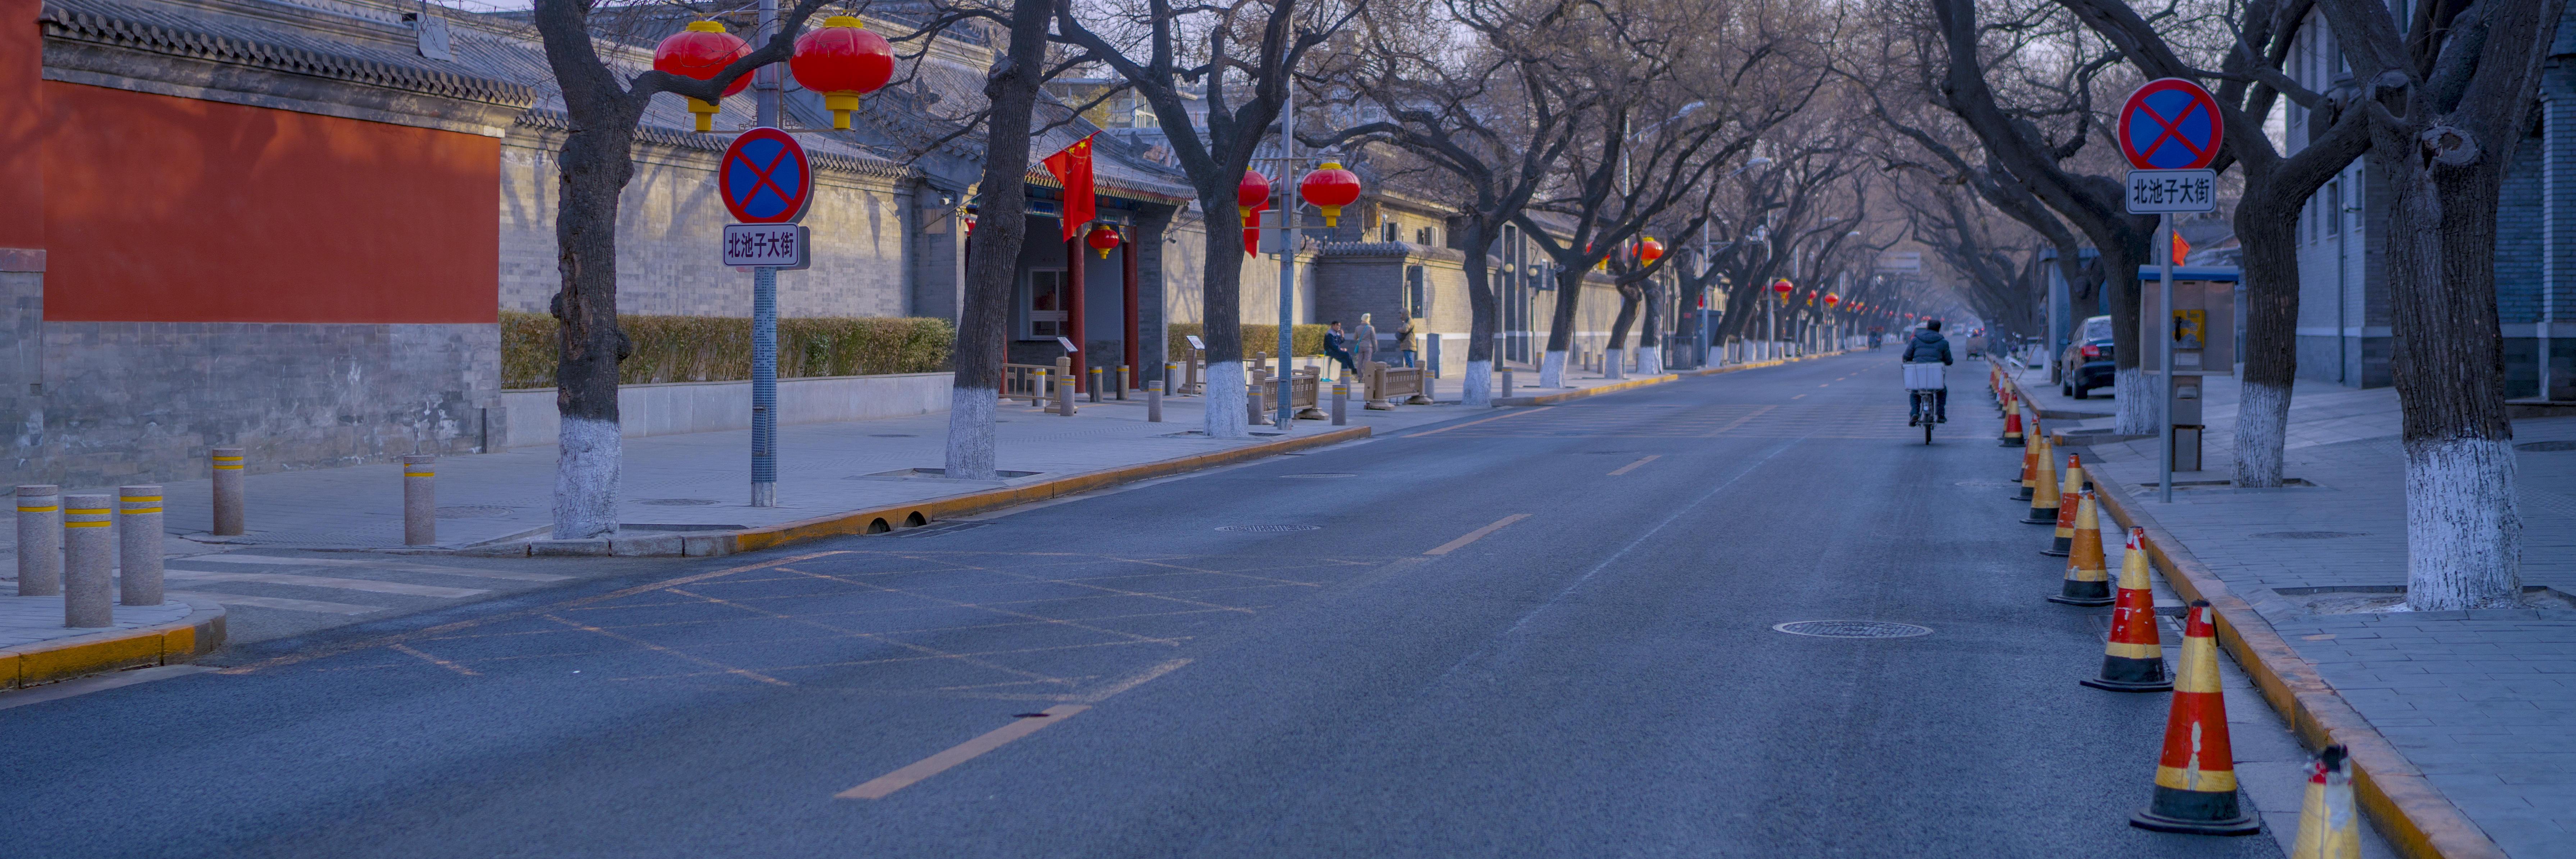 """漫~慢游京城胡同 春节终于回到了阔别已久的""""家乡"""""""